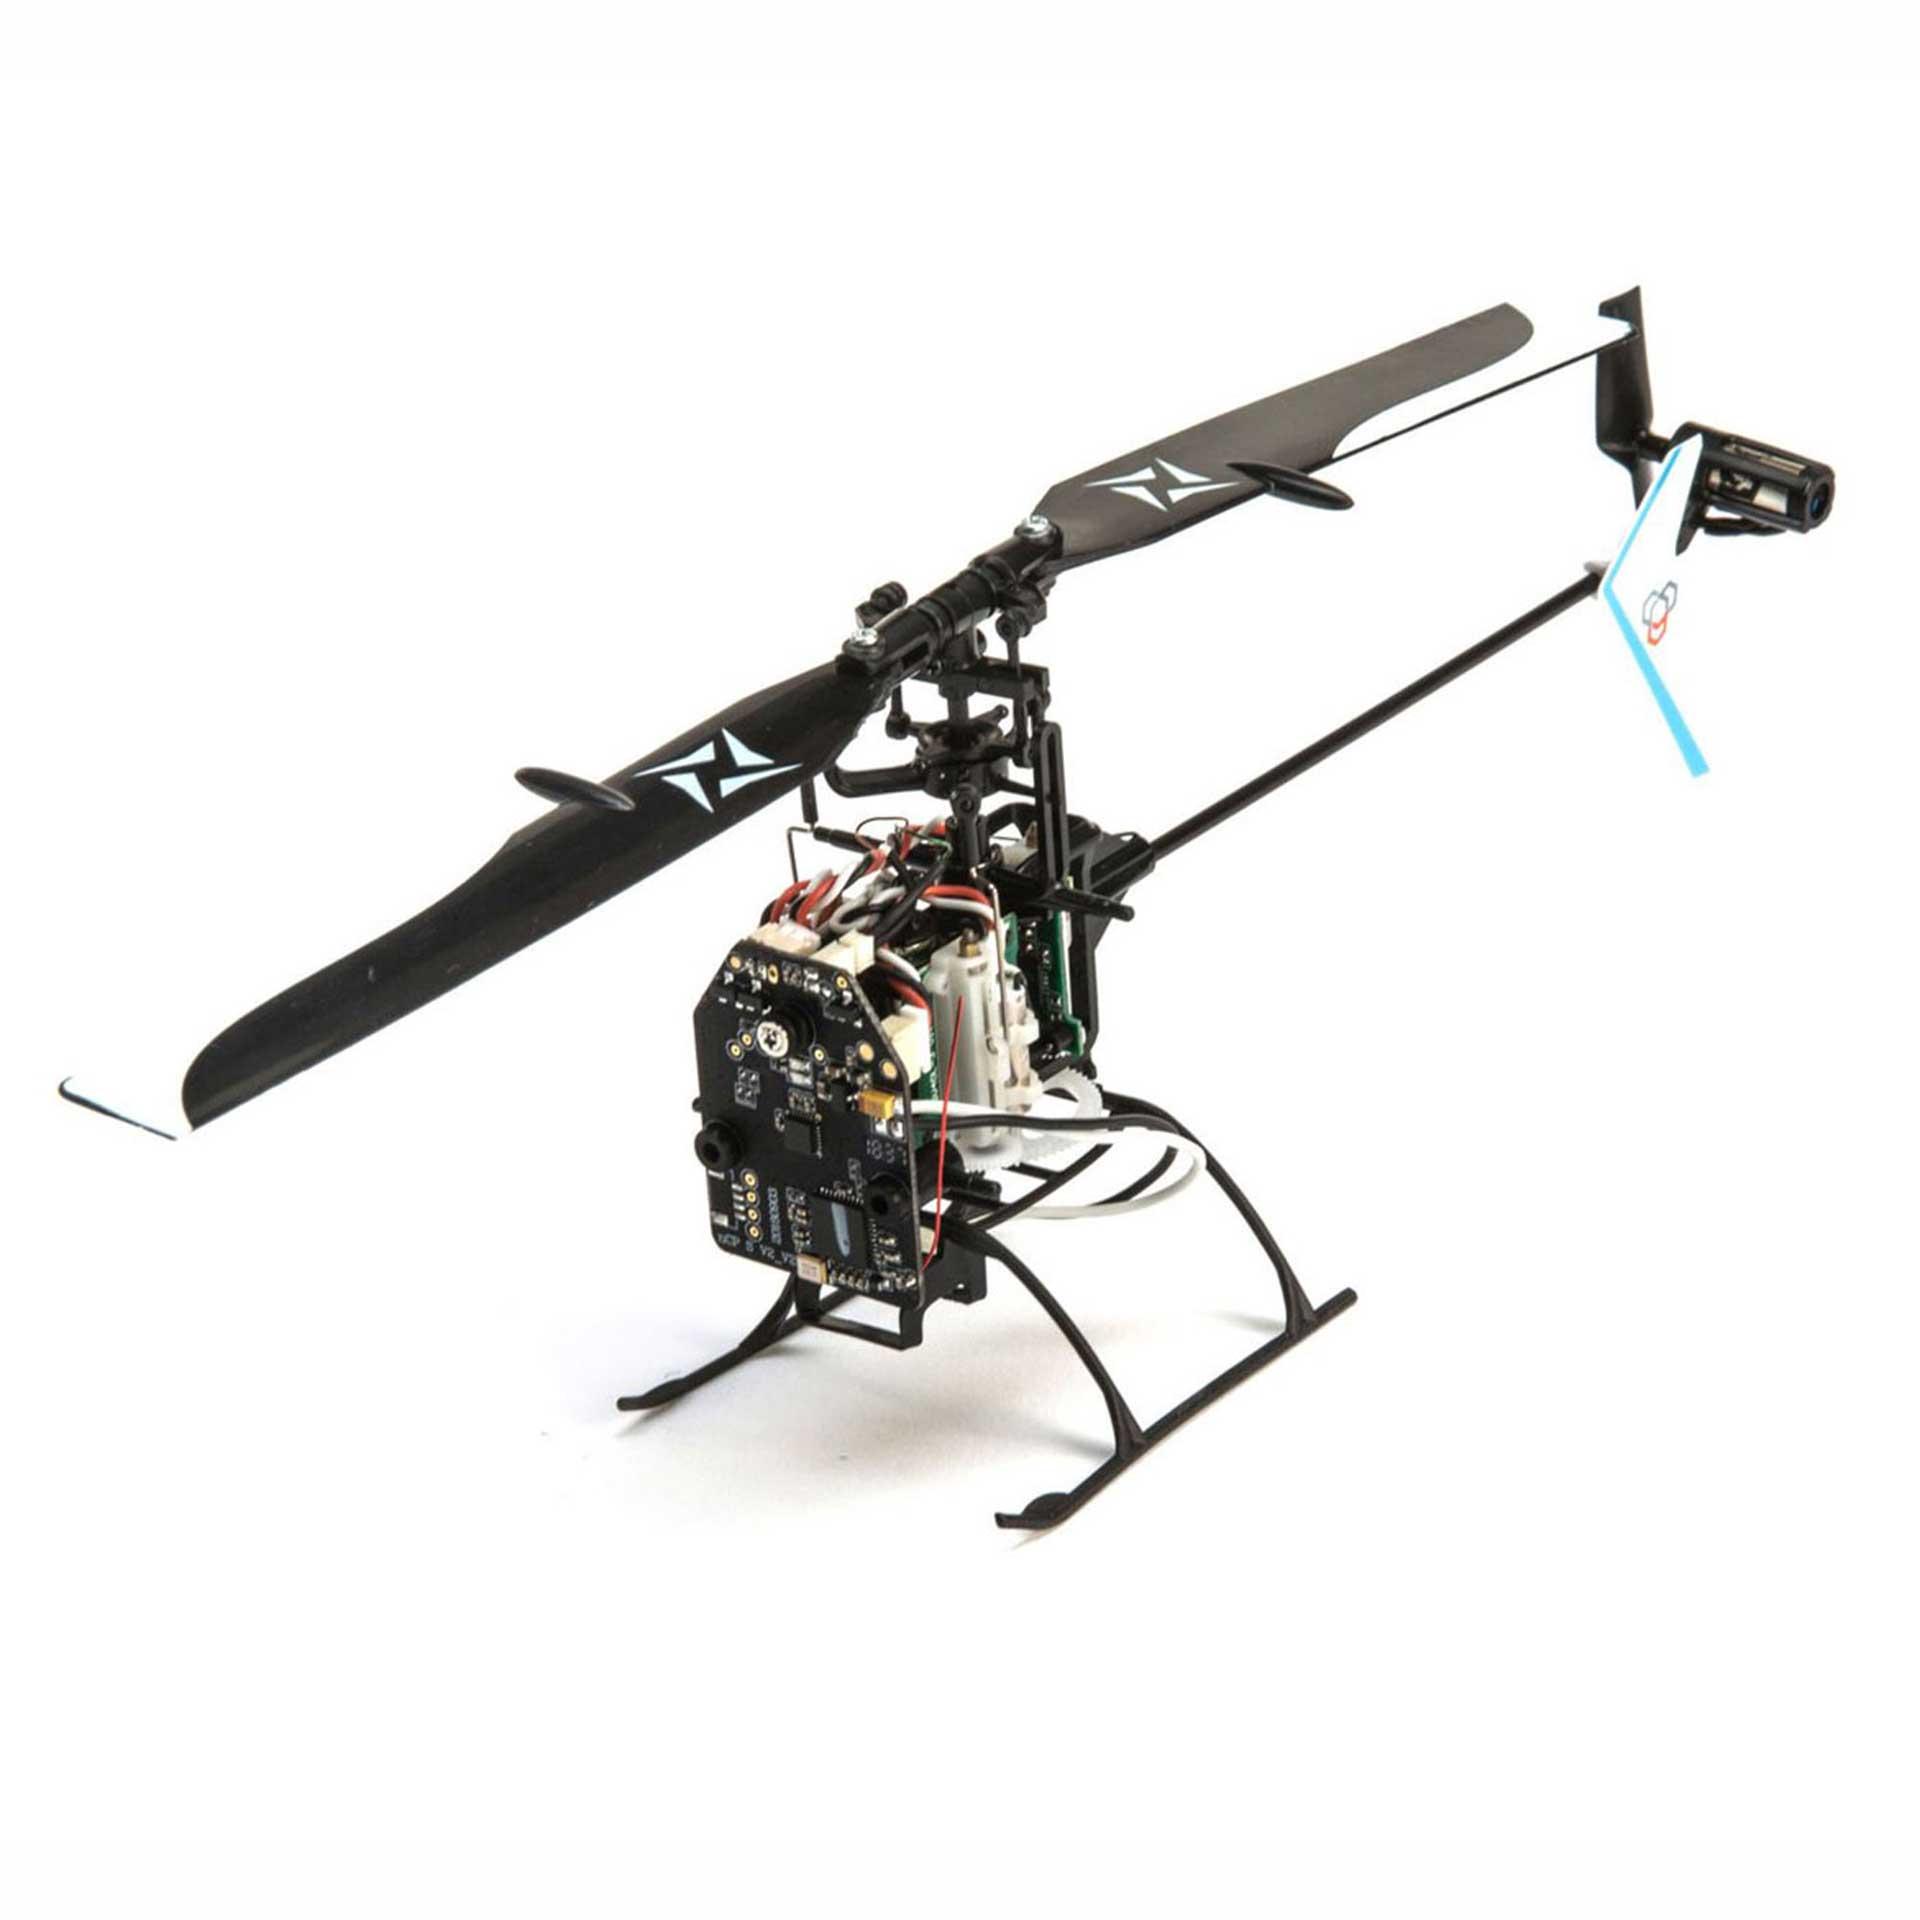 BLADE NANO S2 BNF MIT SAFE TECHNOLOGIE Hubschrauber / Helikopter